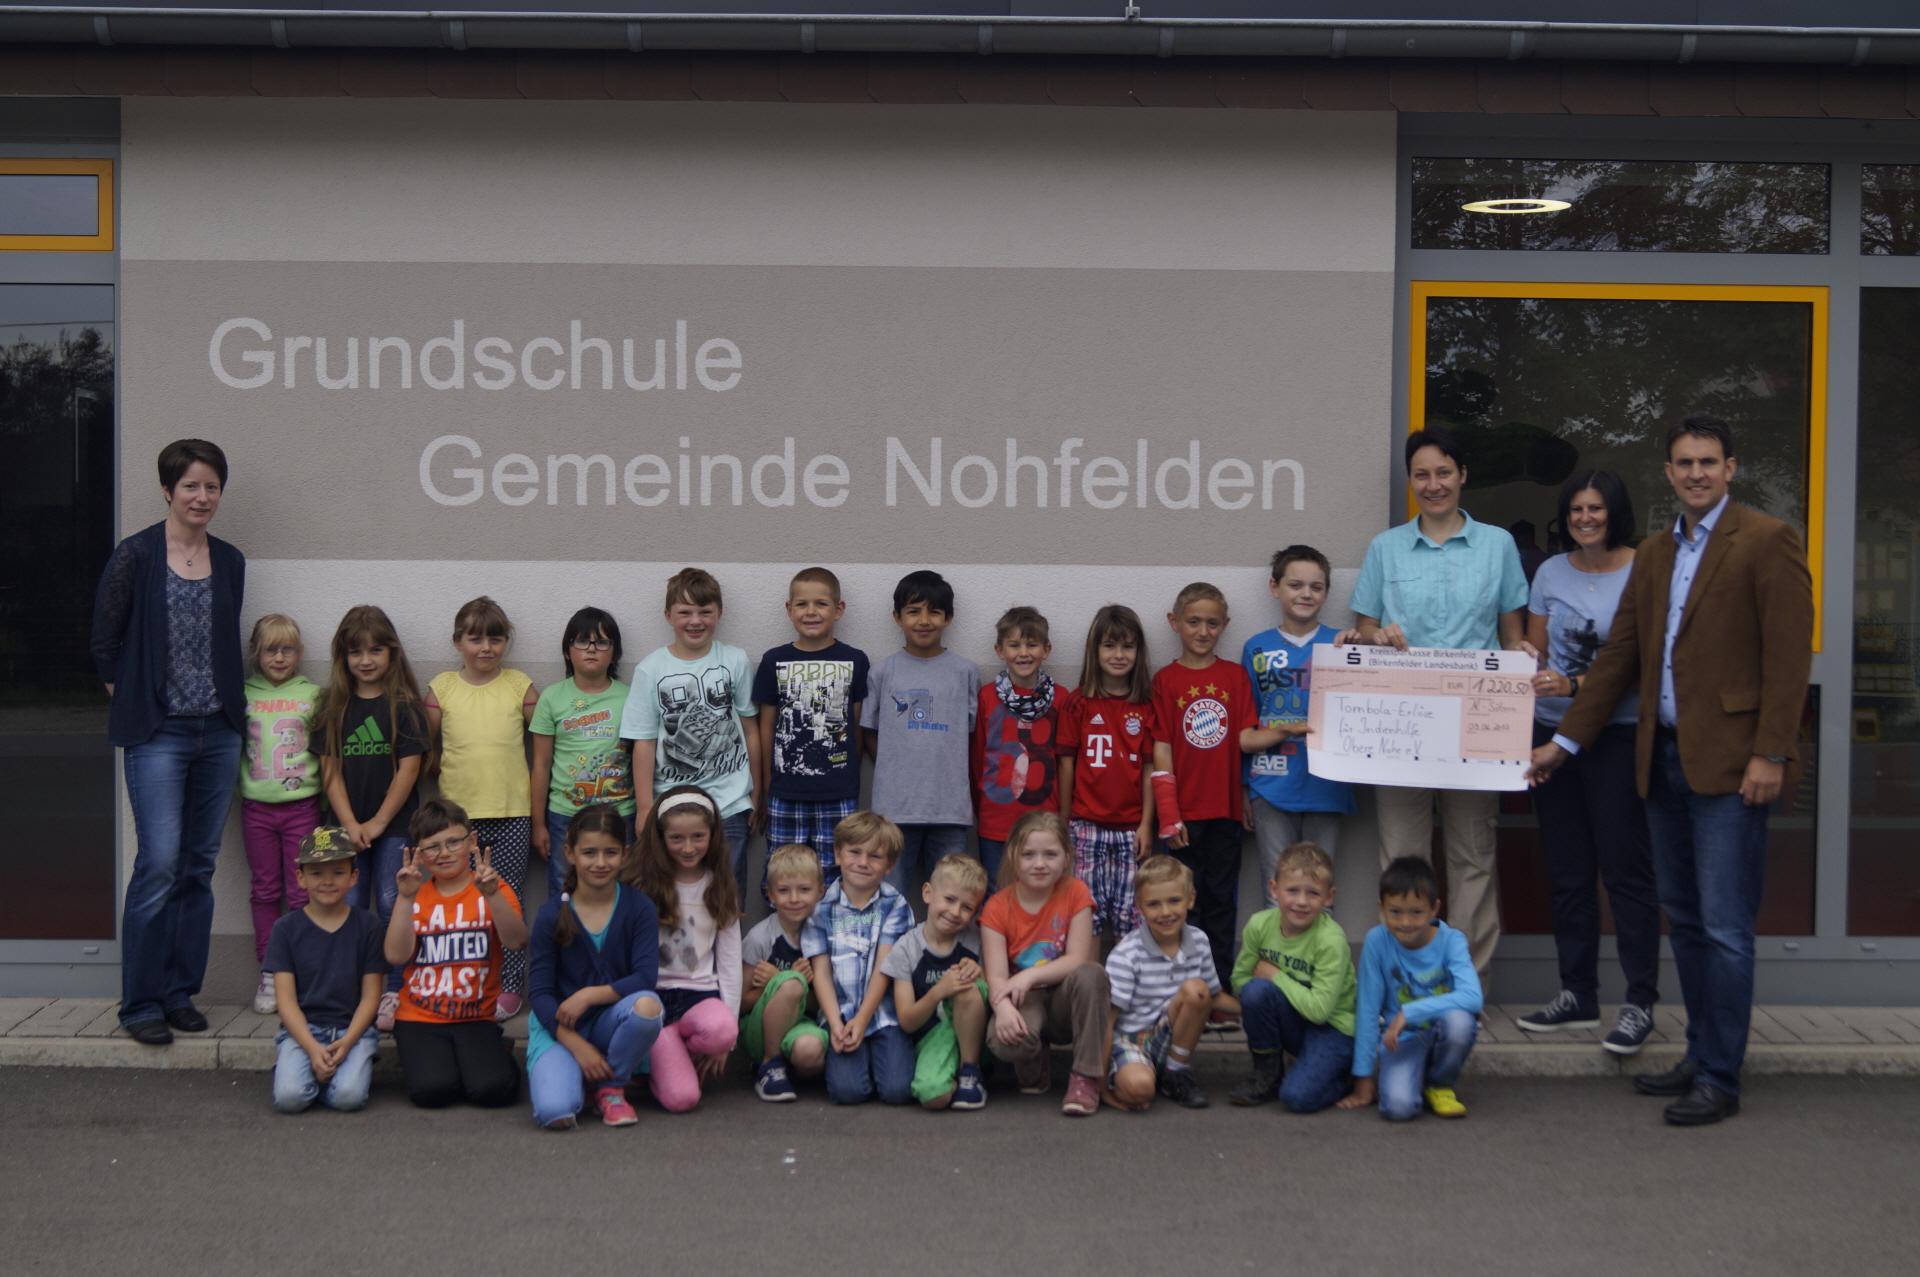 Grundschule_dsc0993jpg